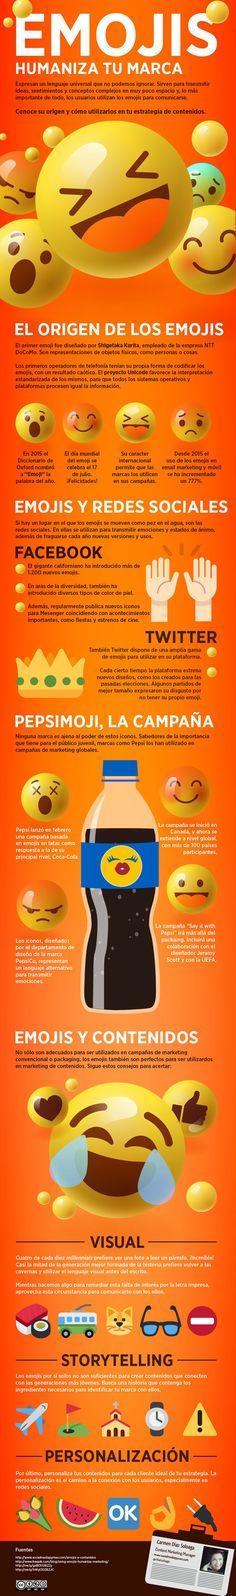 Emojis para humanizar tu Marca #infografía